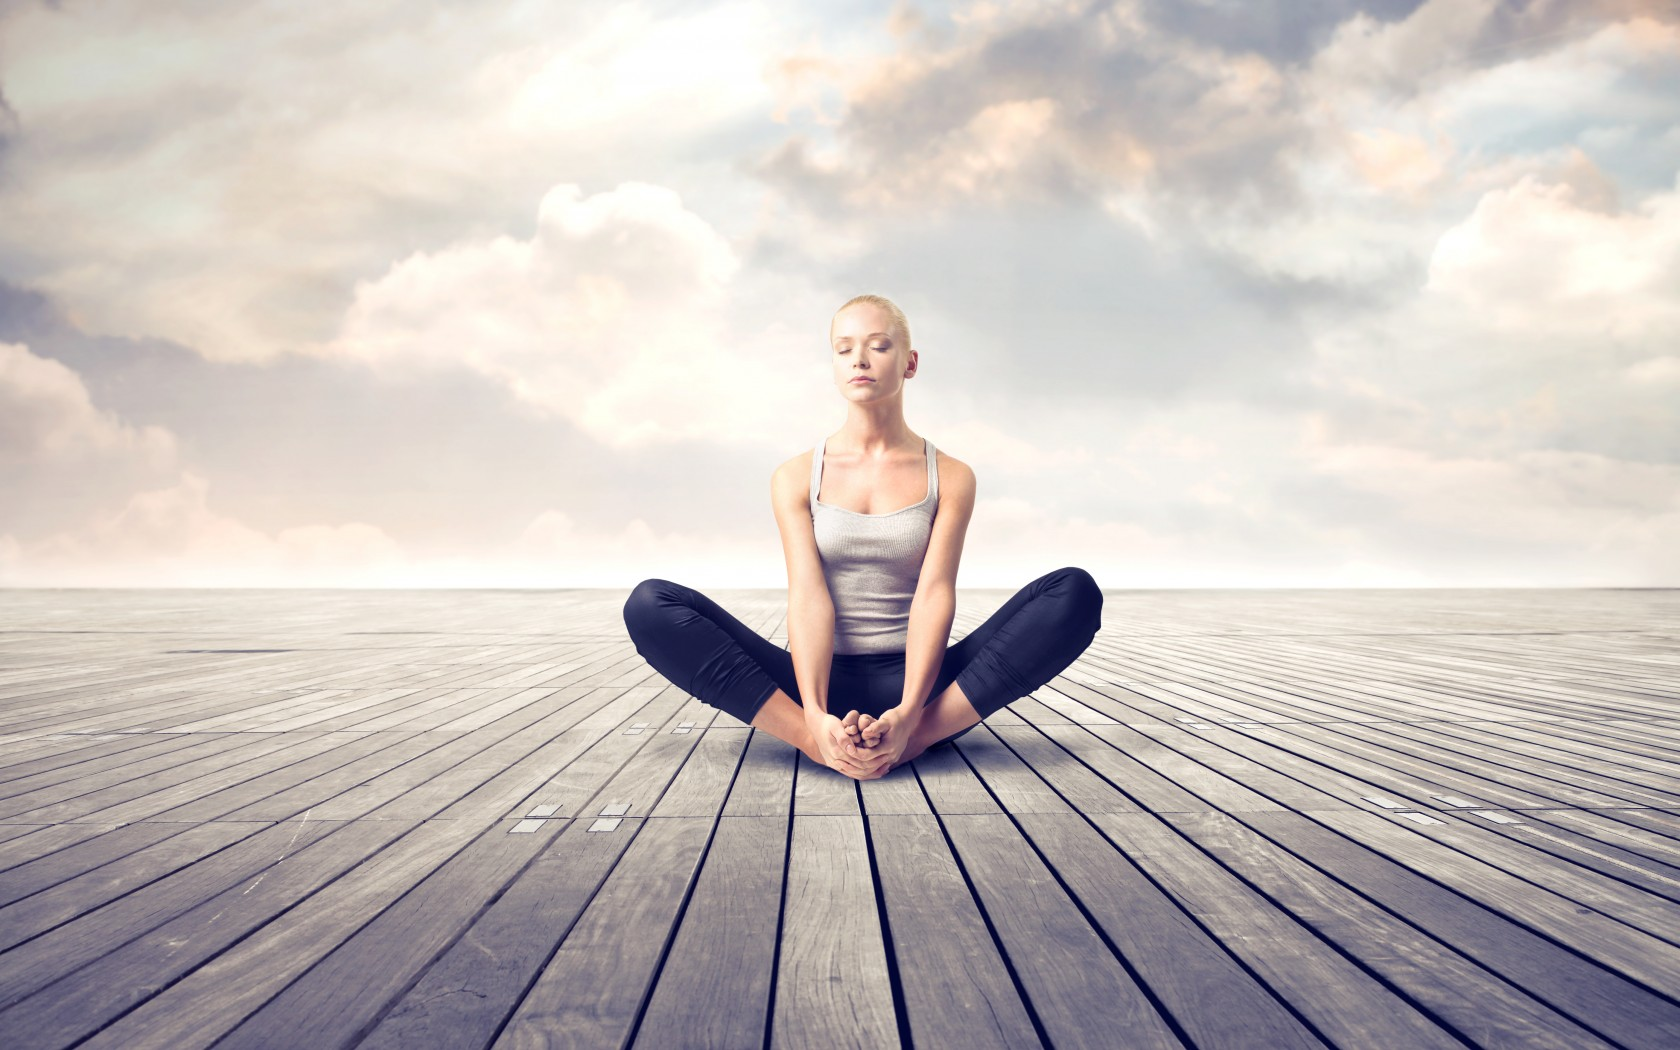 Эта медитация кундалини йоги поможет развить интуицию, здравый смысл и чувство юмора